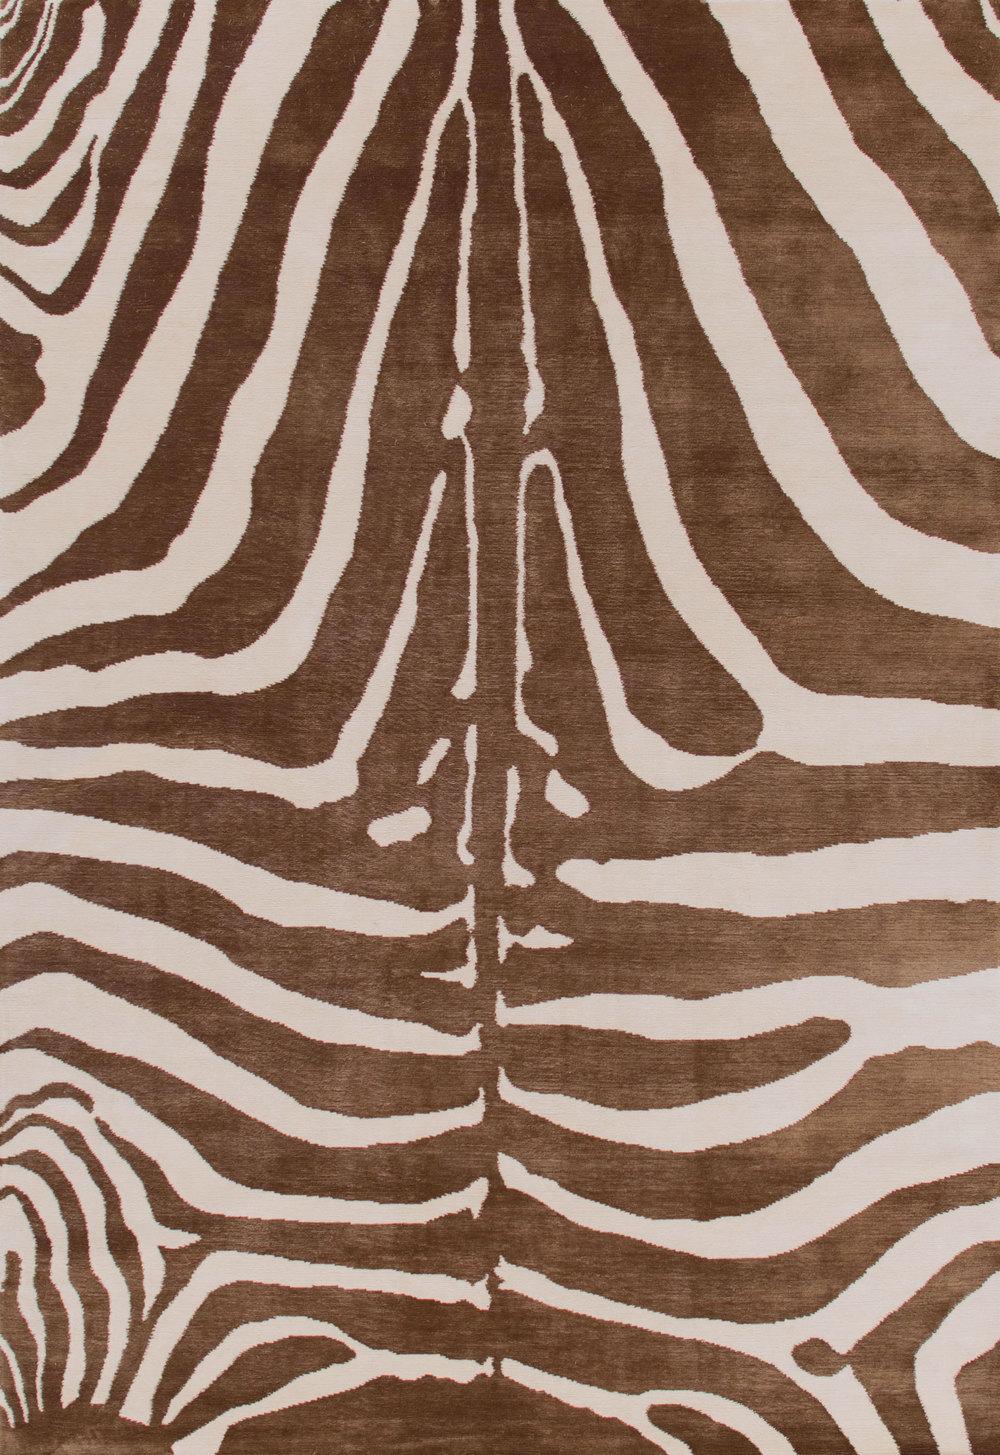 22628_zebra_bronze_t1.jpg